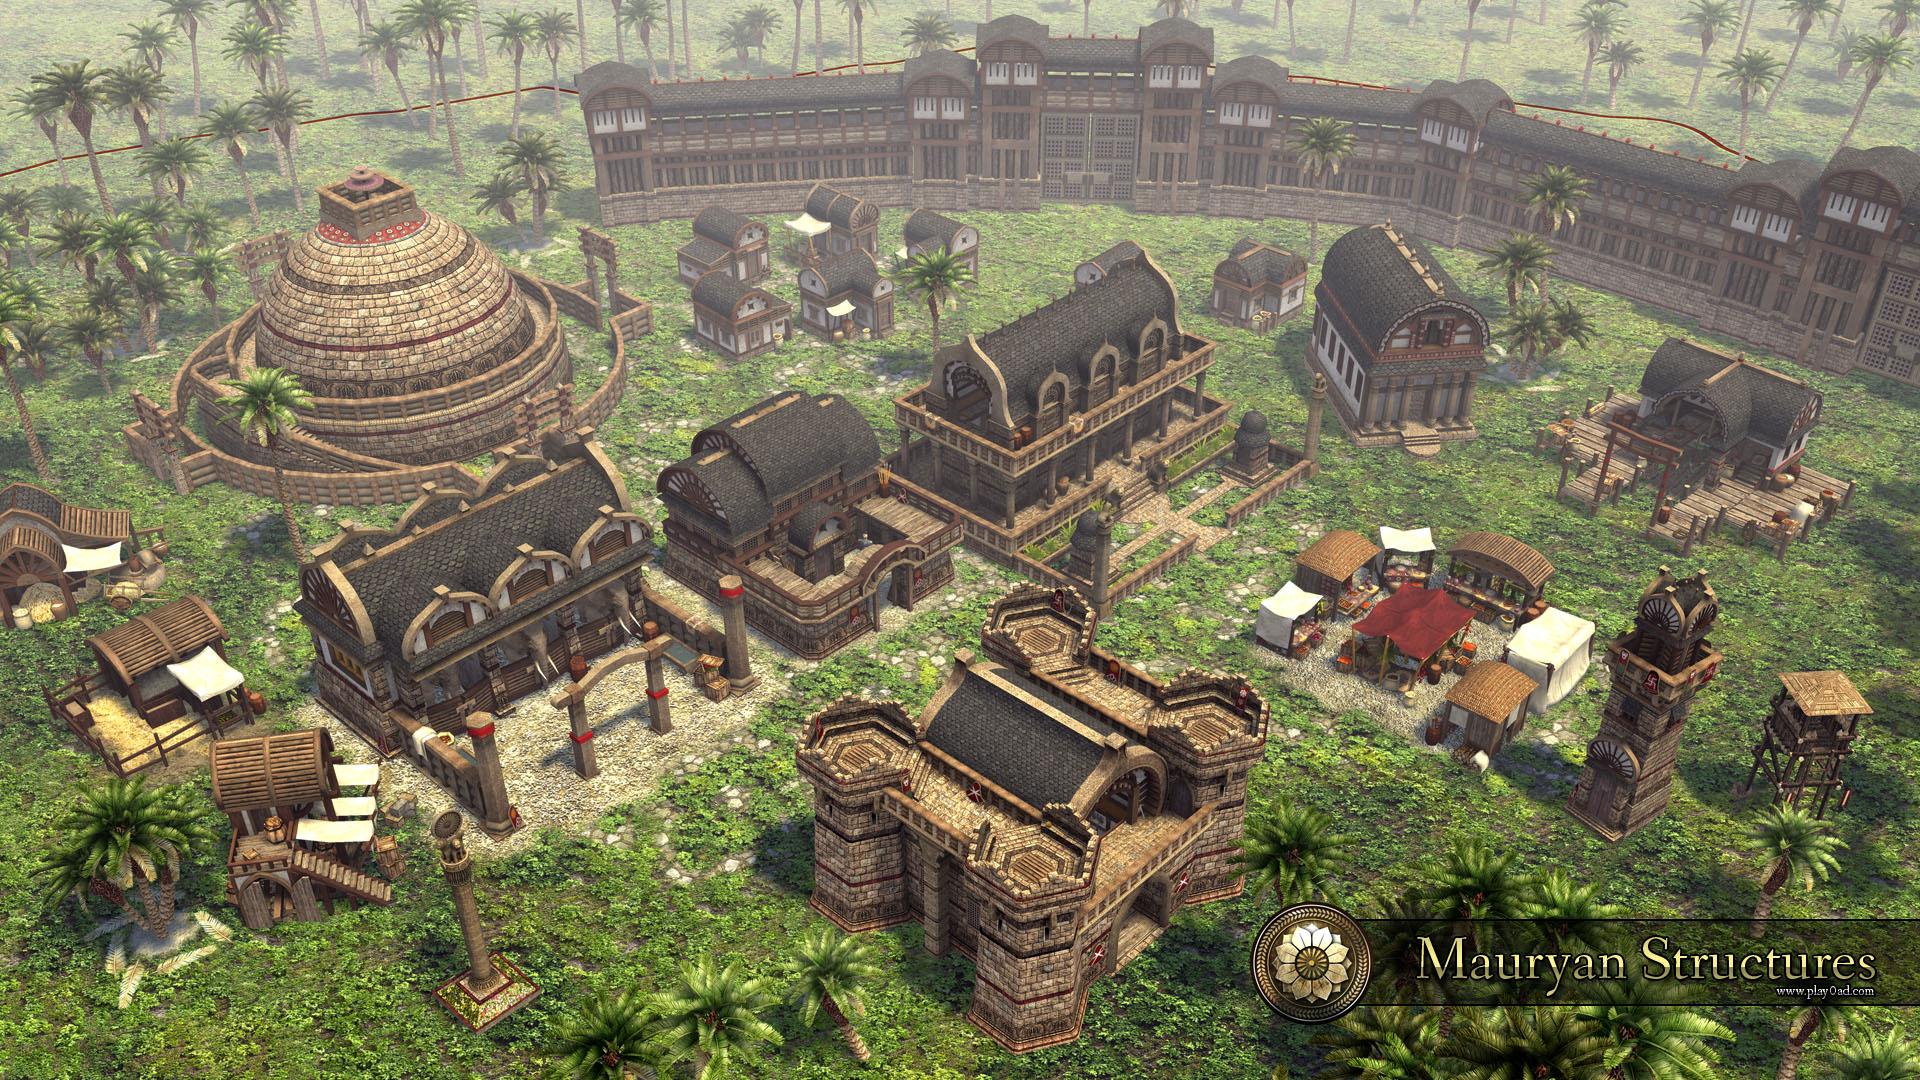 mauryan-structures.jpg